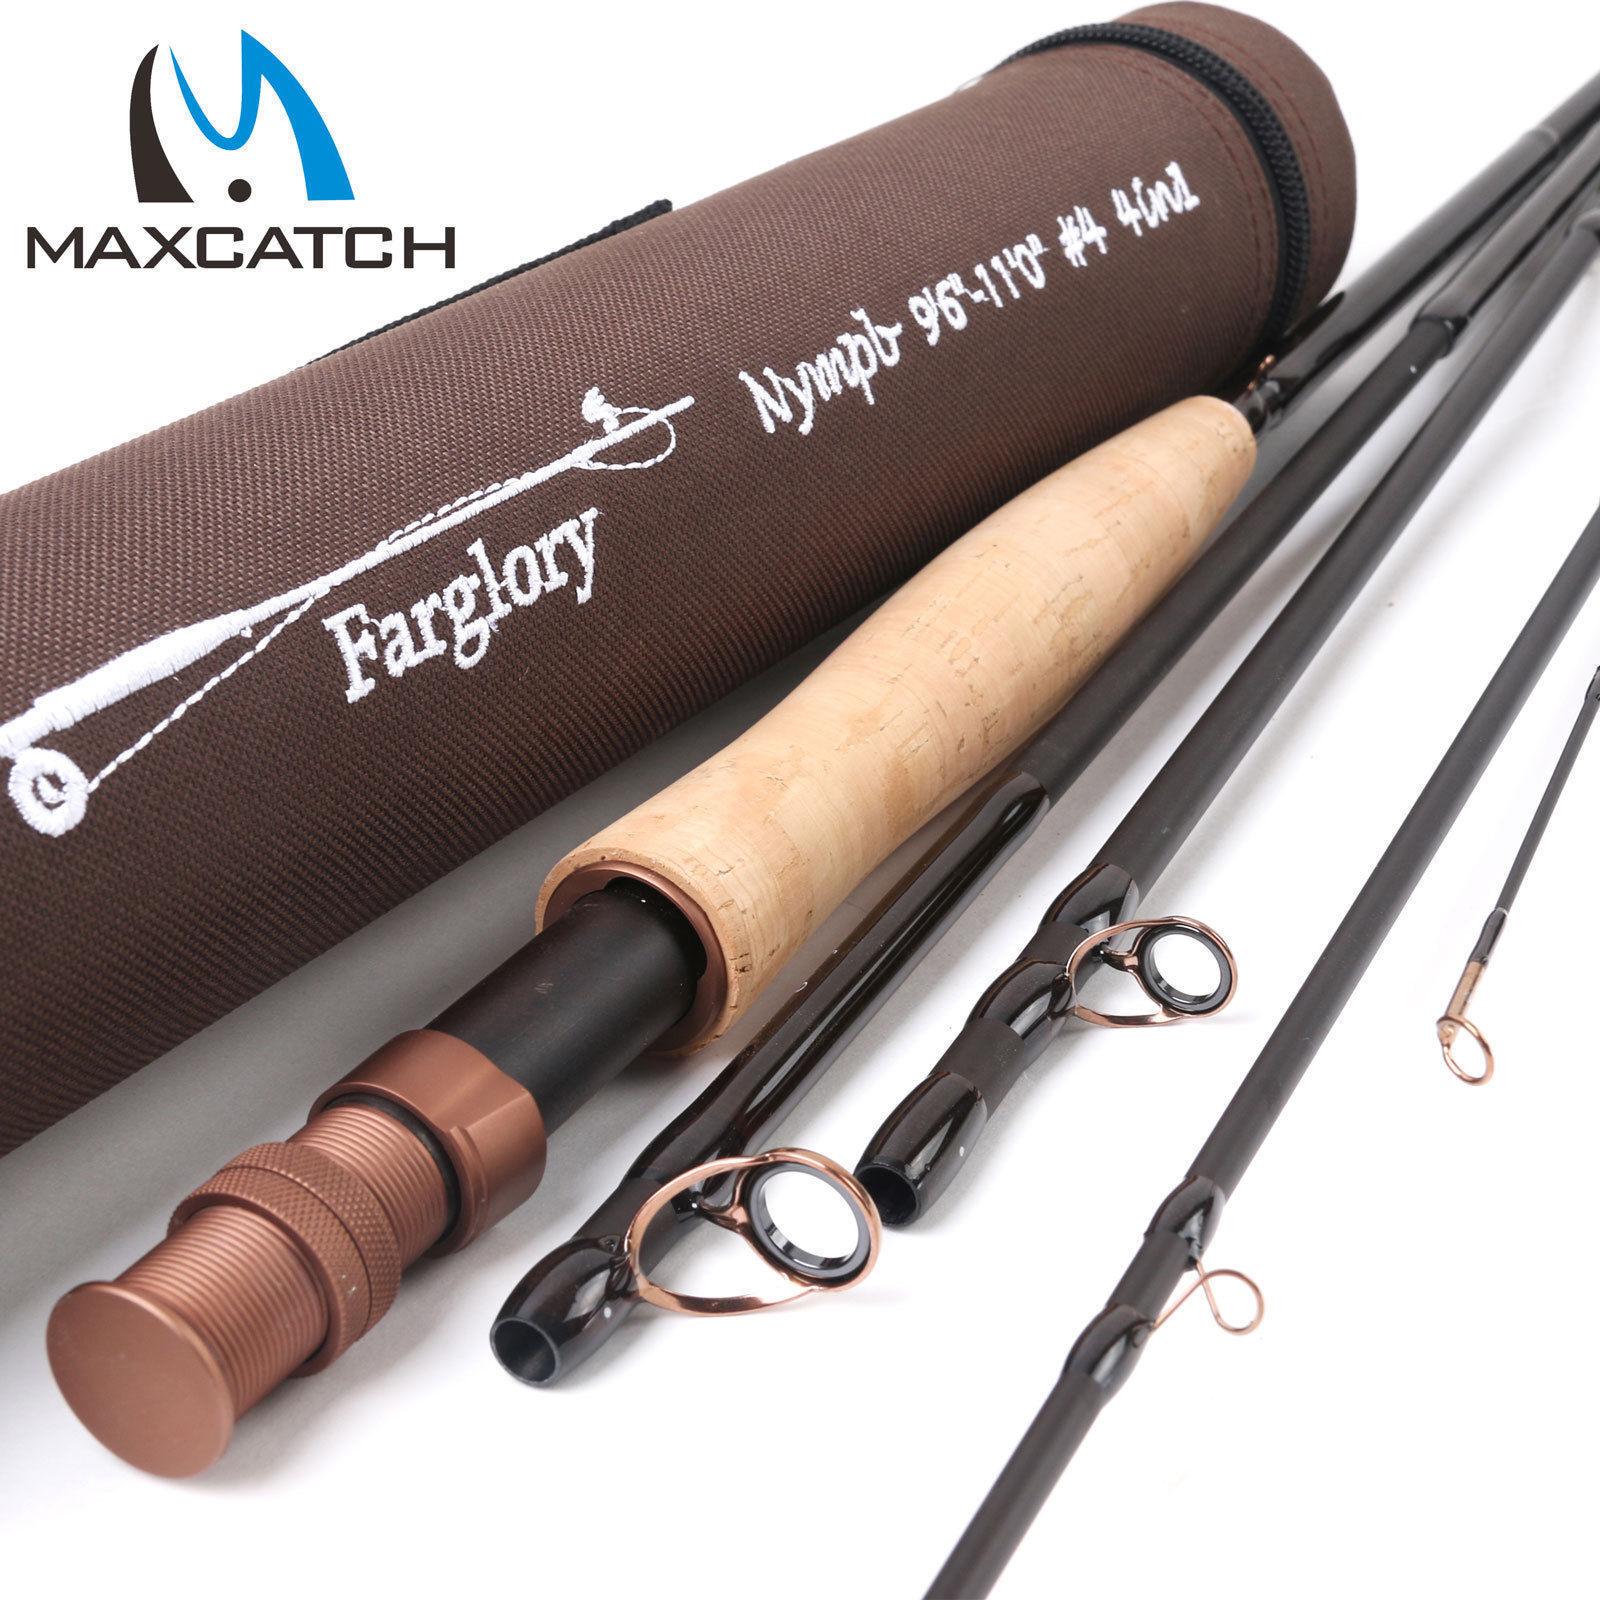 Maxcatch Farglory Nymph Fliegenrute  4  5 9'0 -10'6    9'6''-11'0'' Angelrute    Verkaufspreis